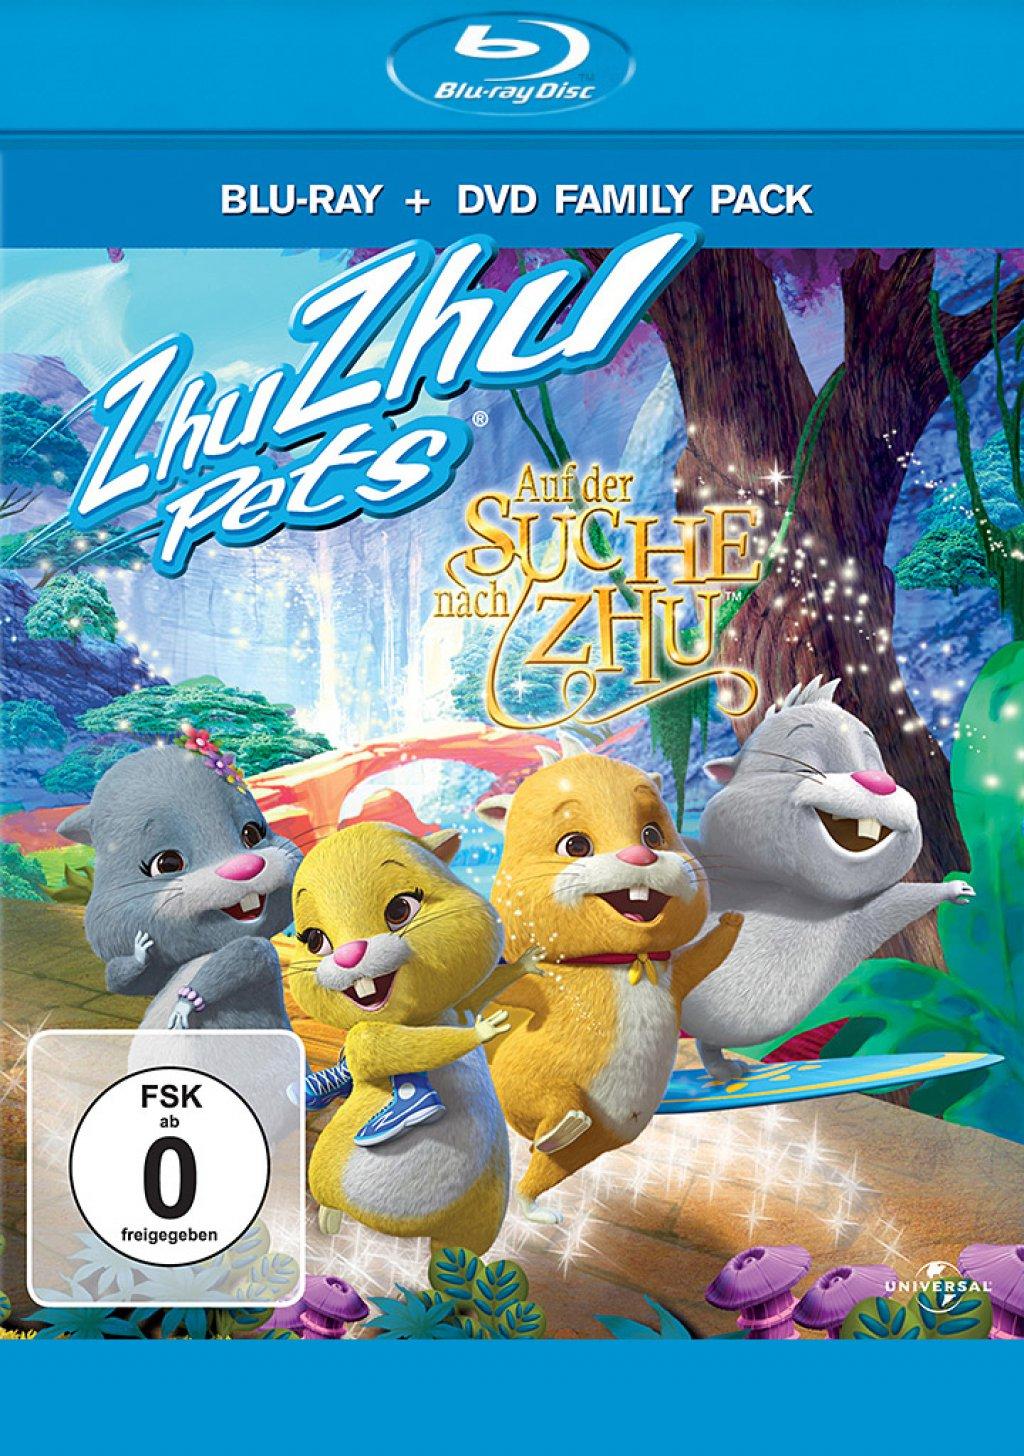 Auf der Suche nach Zhu - Blu-ray + DVD / Blu-ray-Verpackung (Blu-ray)